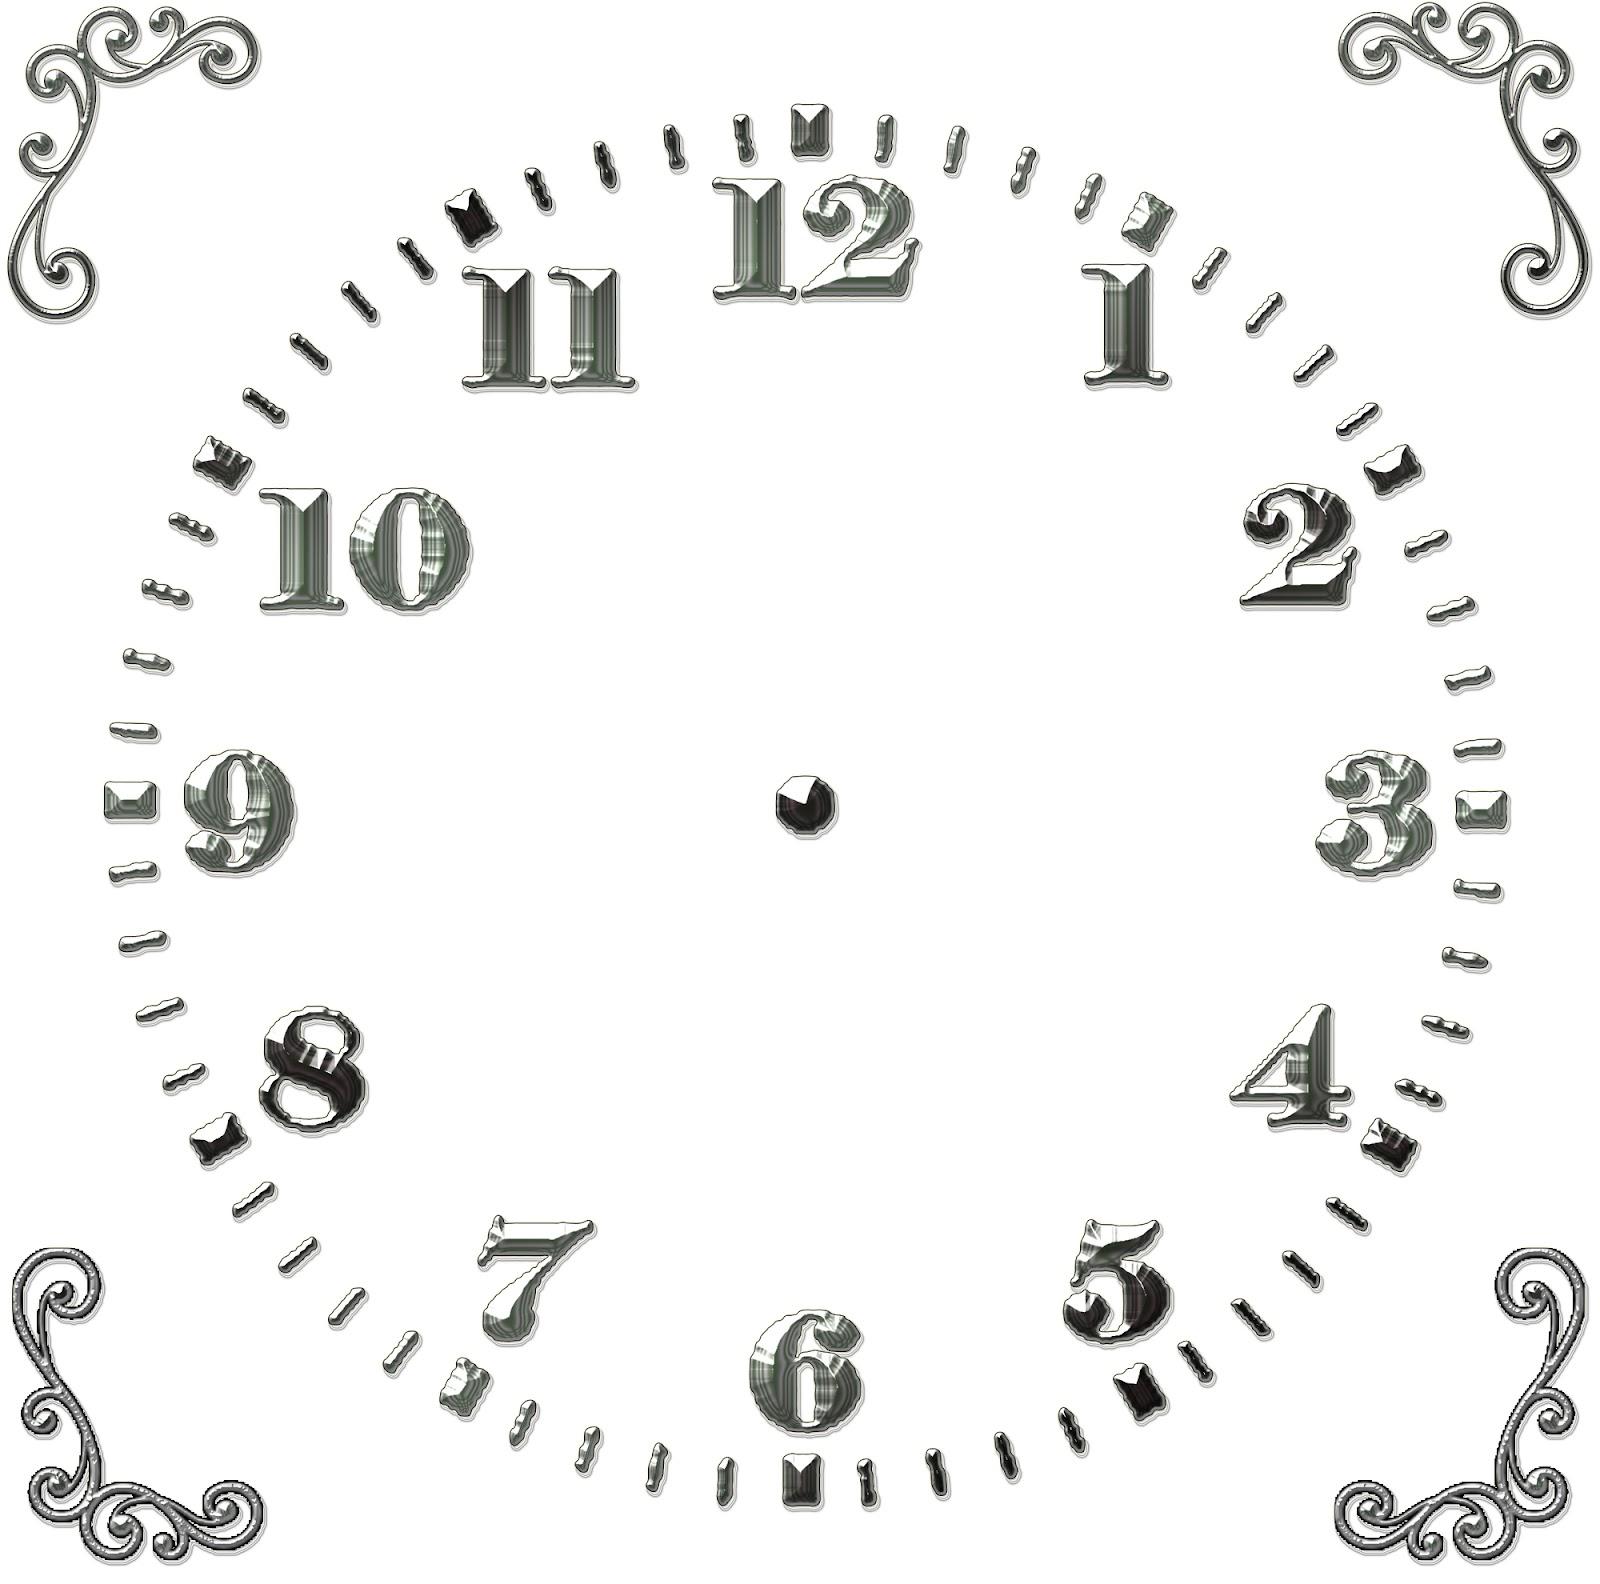 Циферблат для часов шаблон скачать